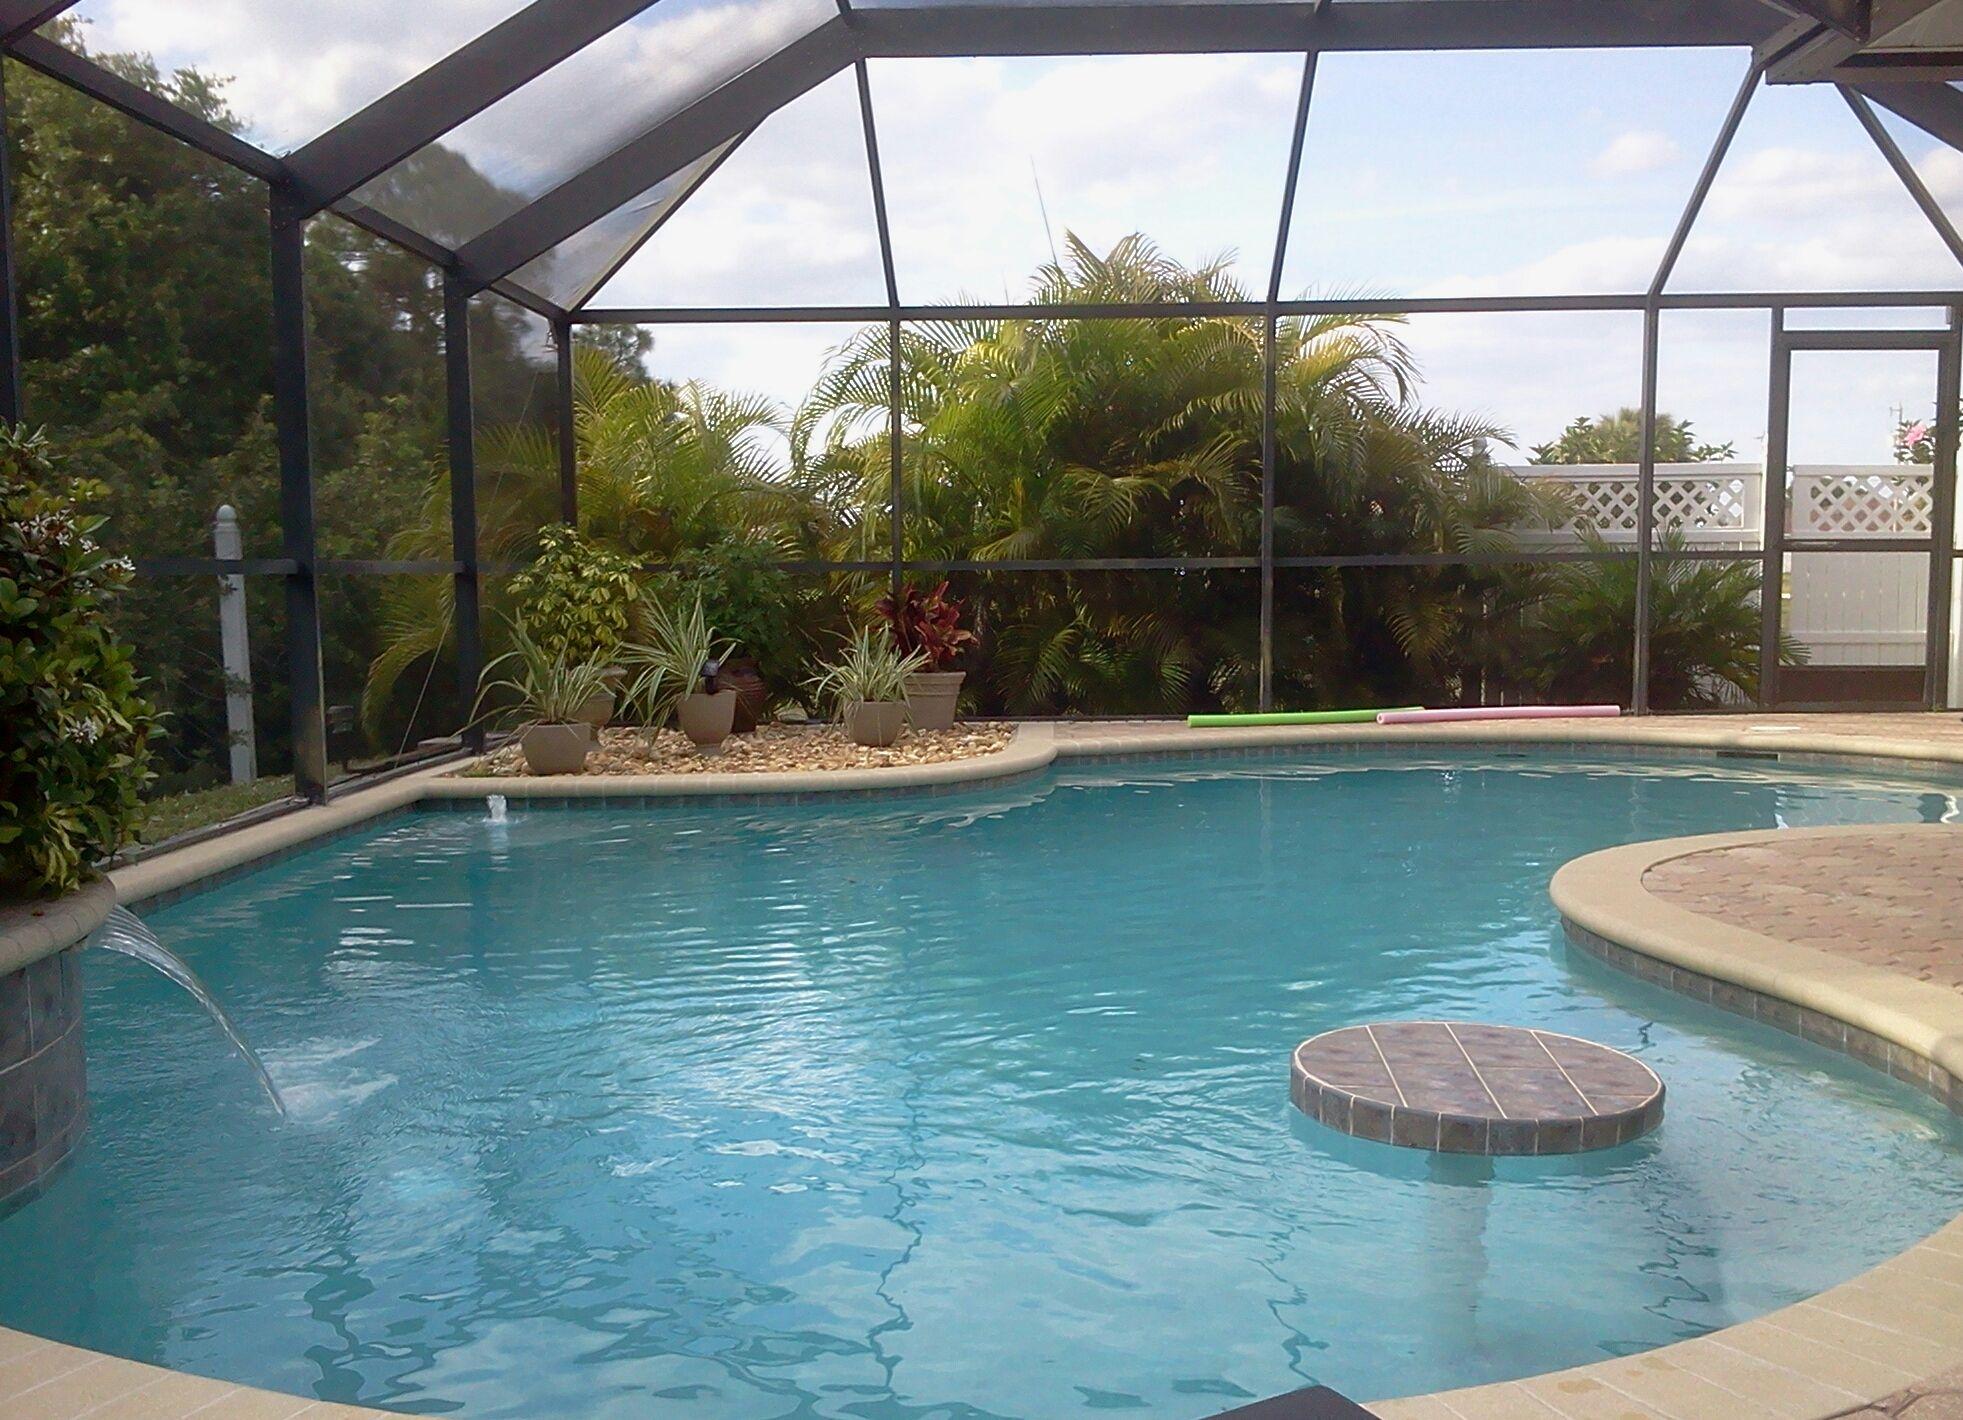 Backyard | Cool pools, Pool, Backyard